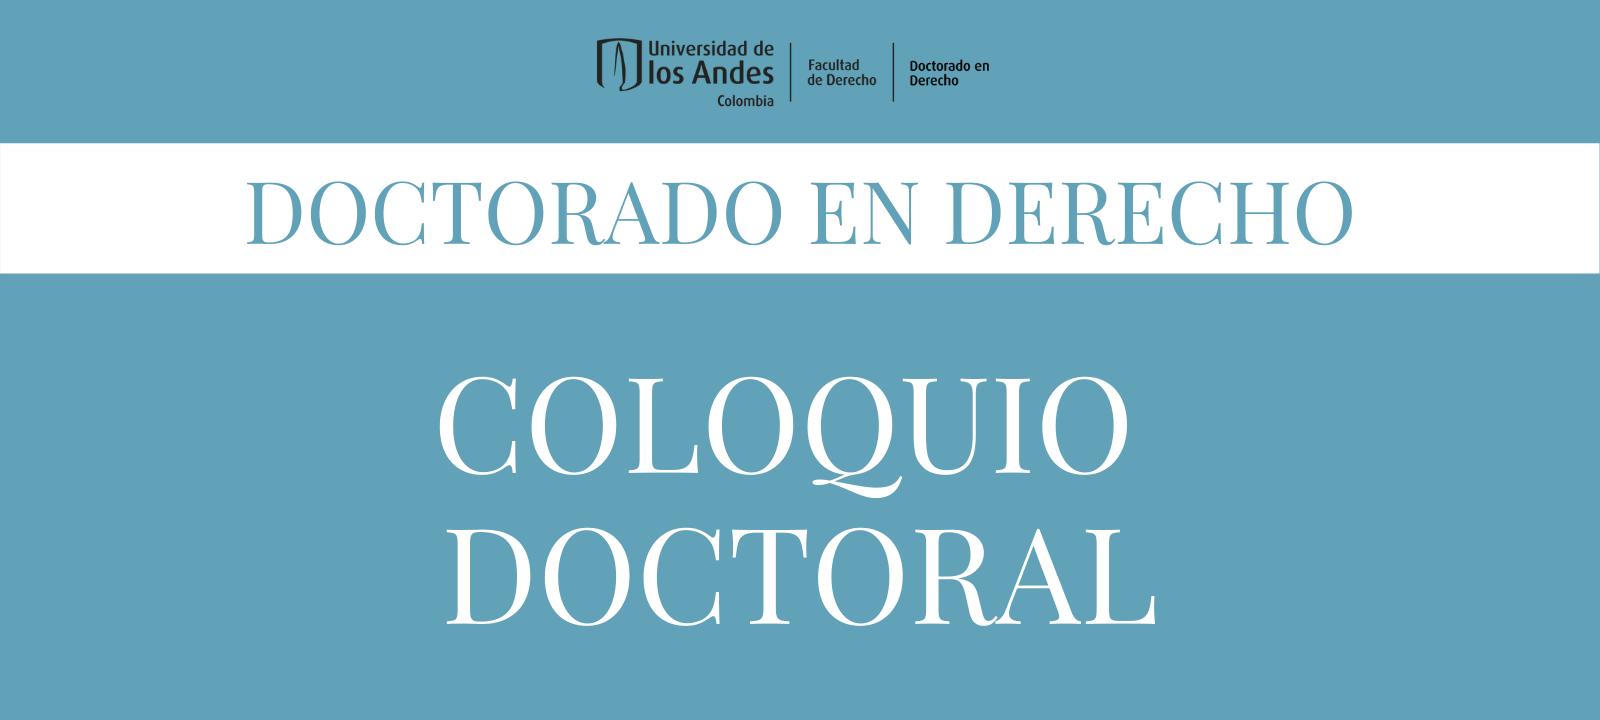 Coloquio del Doctorado en Derecho de la Universidad de los Andes